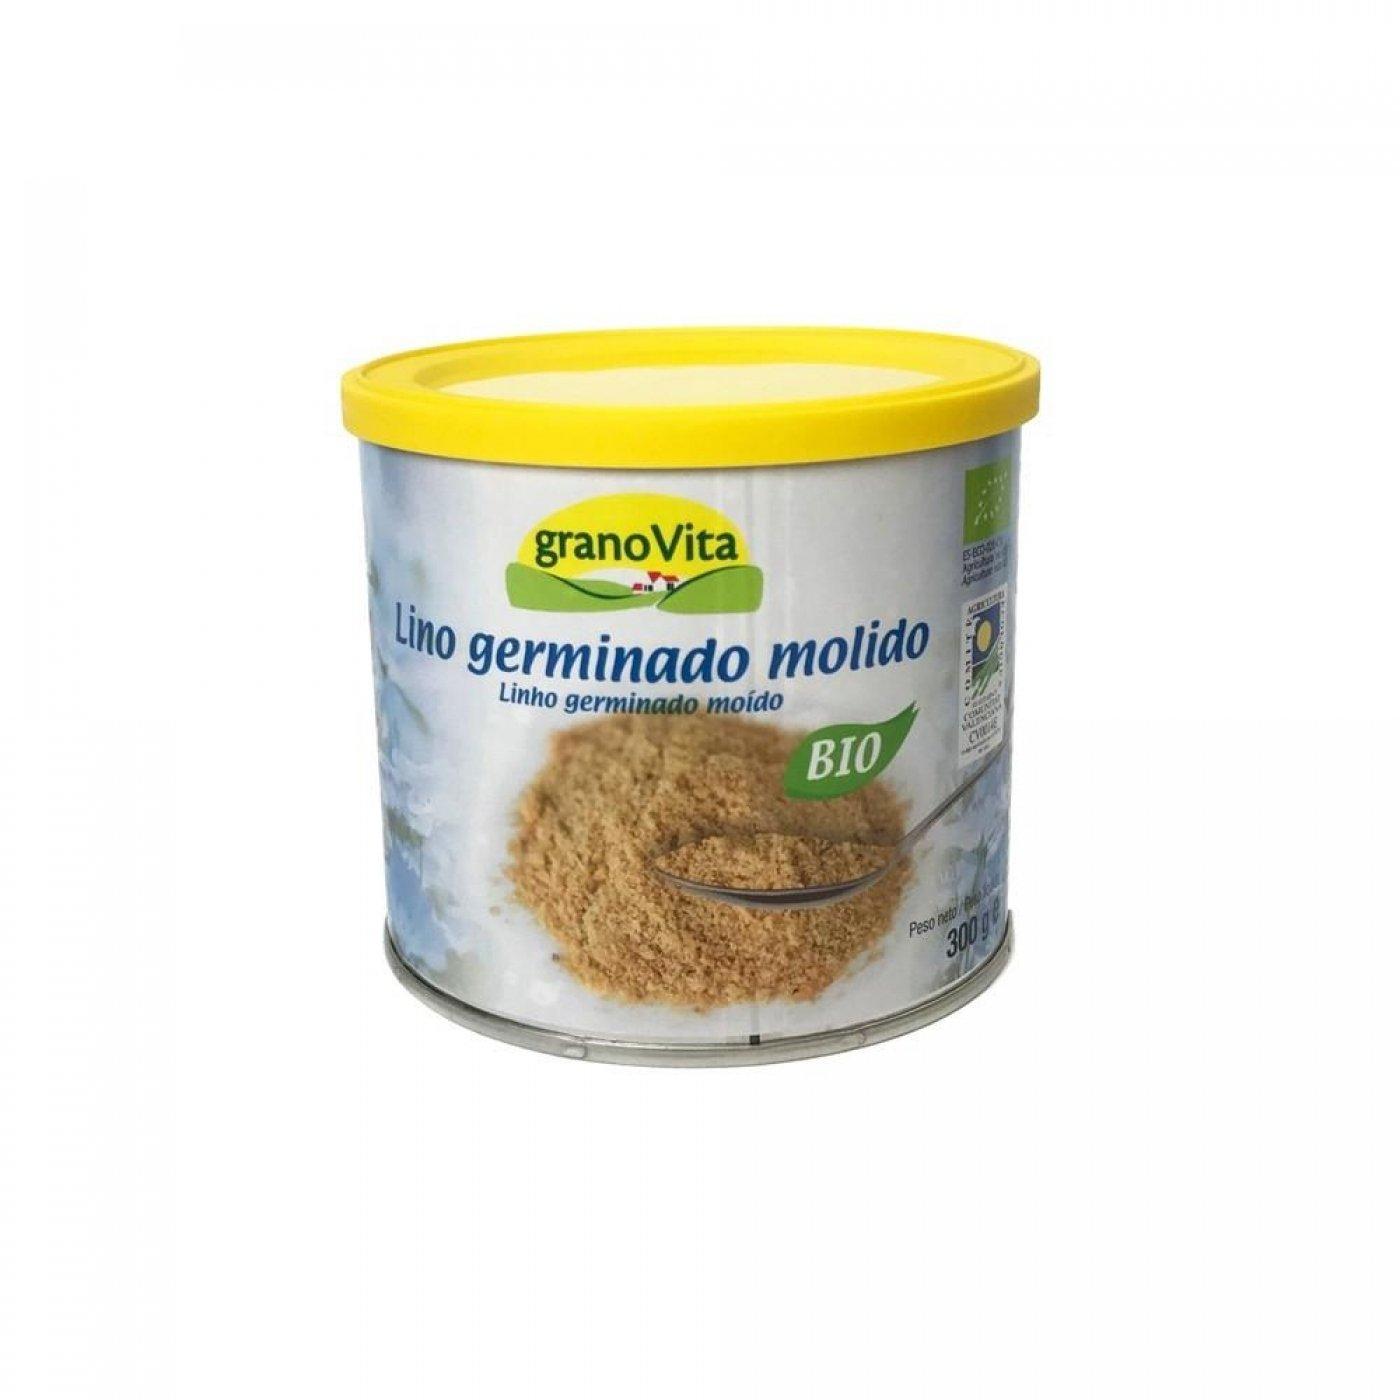 LINO GERMINADO MOLIDO BIO, 300 g: Amazon.es: Salud y cuidado personal